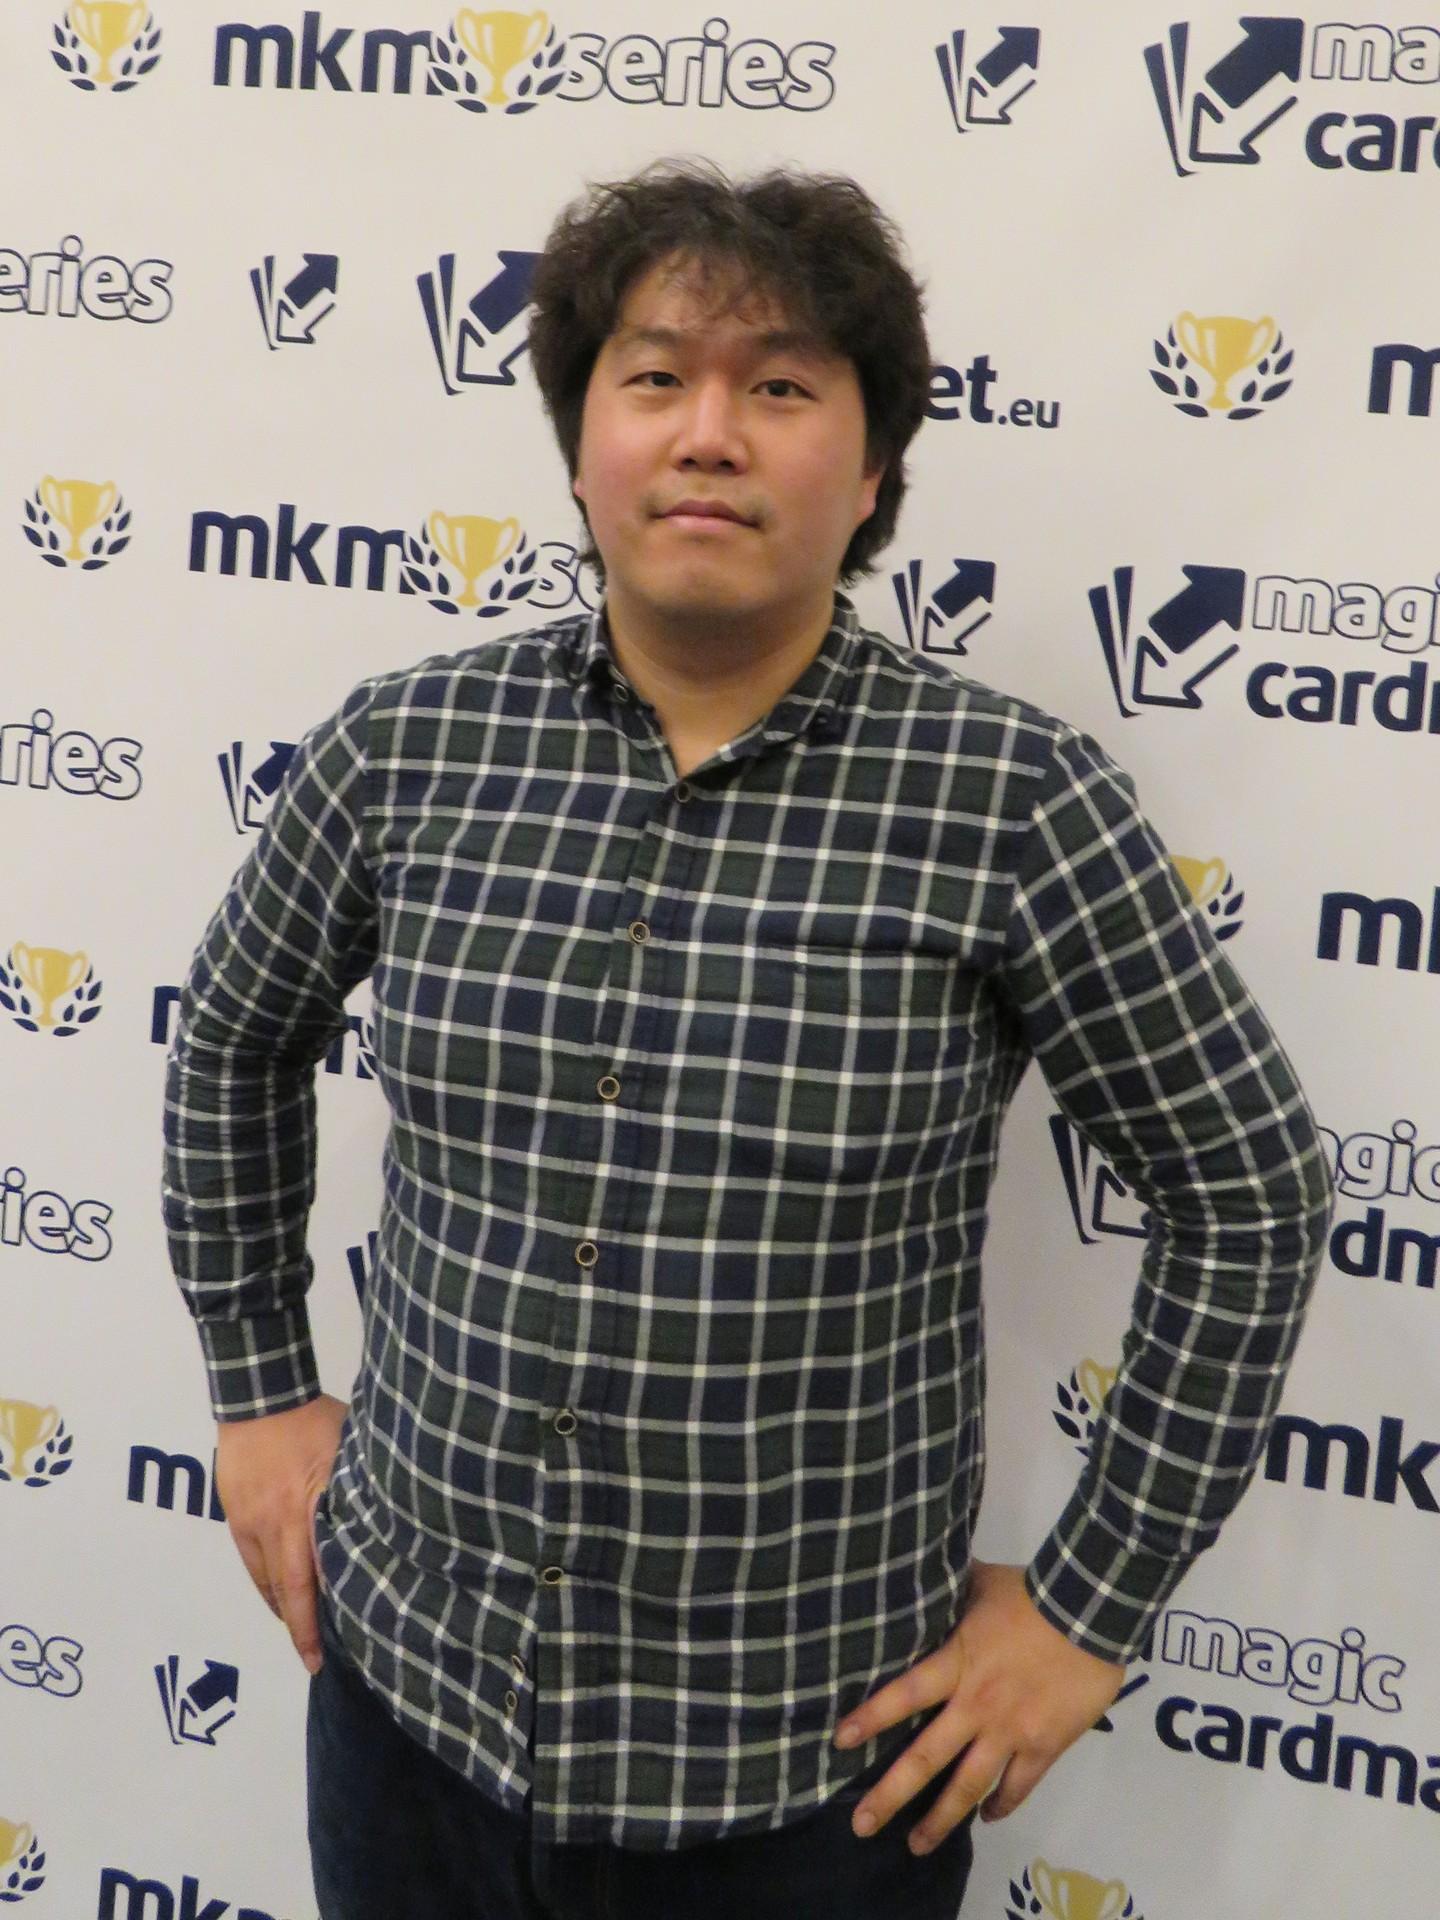 Eiyong Ahn